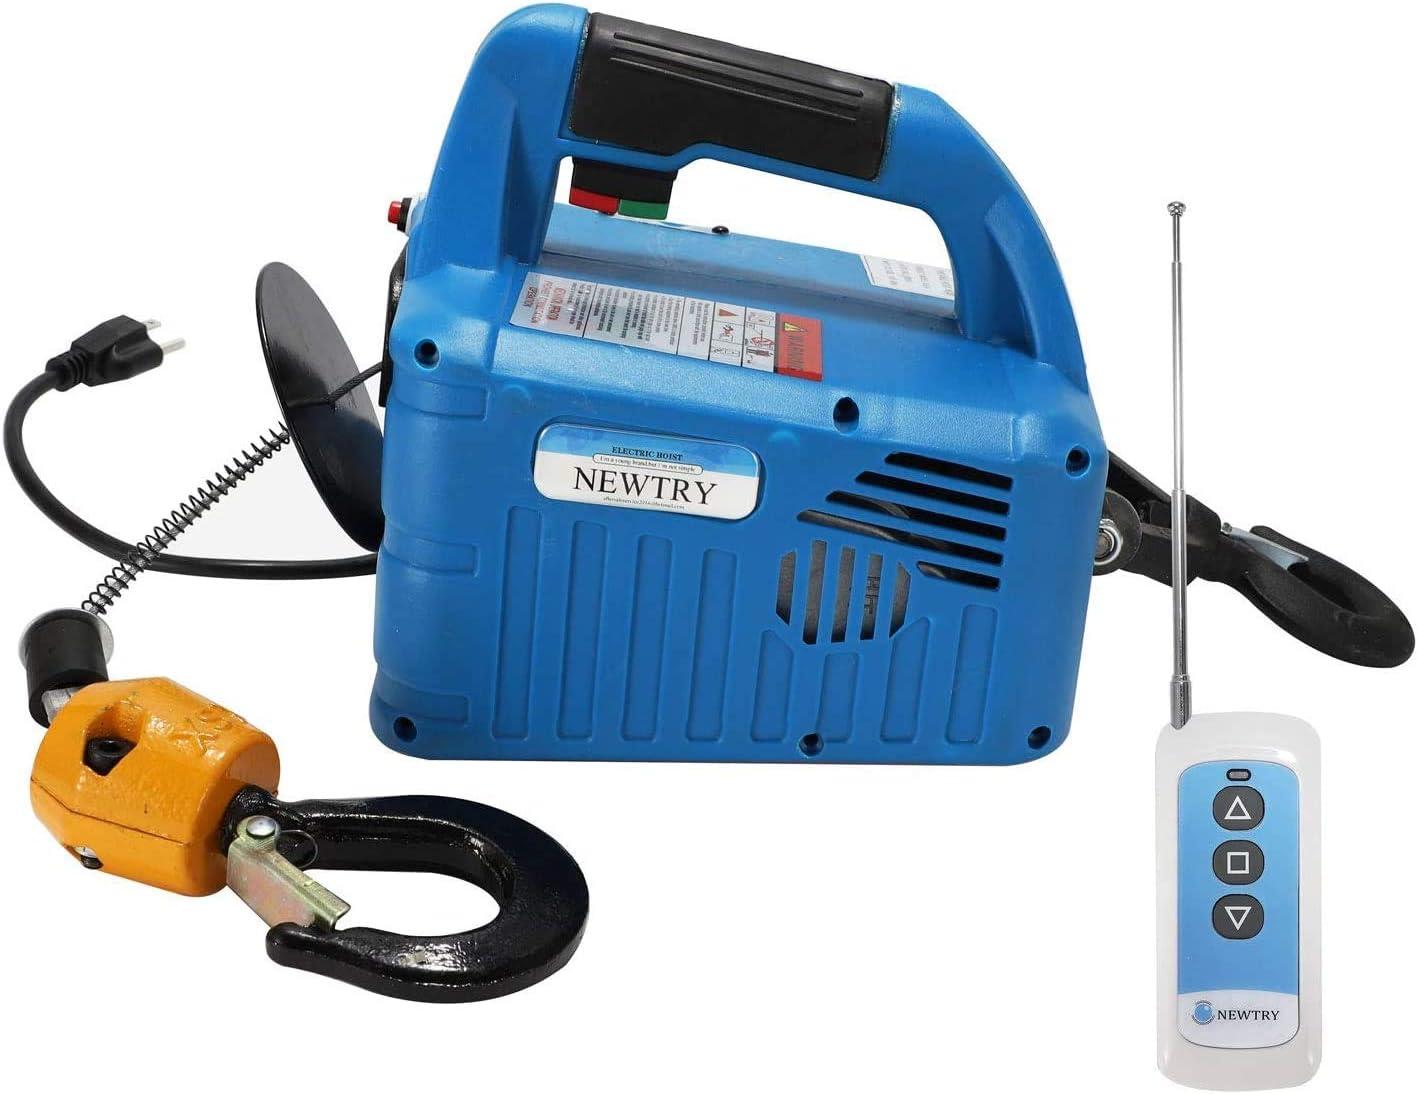 Newtry Grúa eléctrica de elevación de 220 libras, 220 V, 25 m, 1500 W, control remoto inalámbrico, elevador eléctrico con protección de sobrecarga